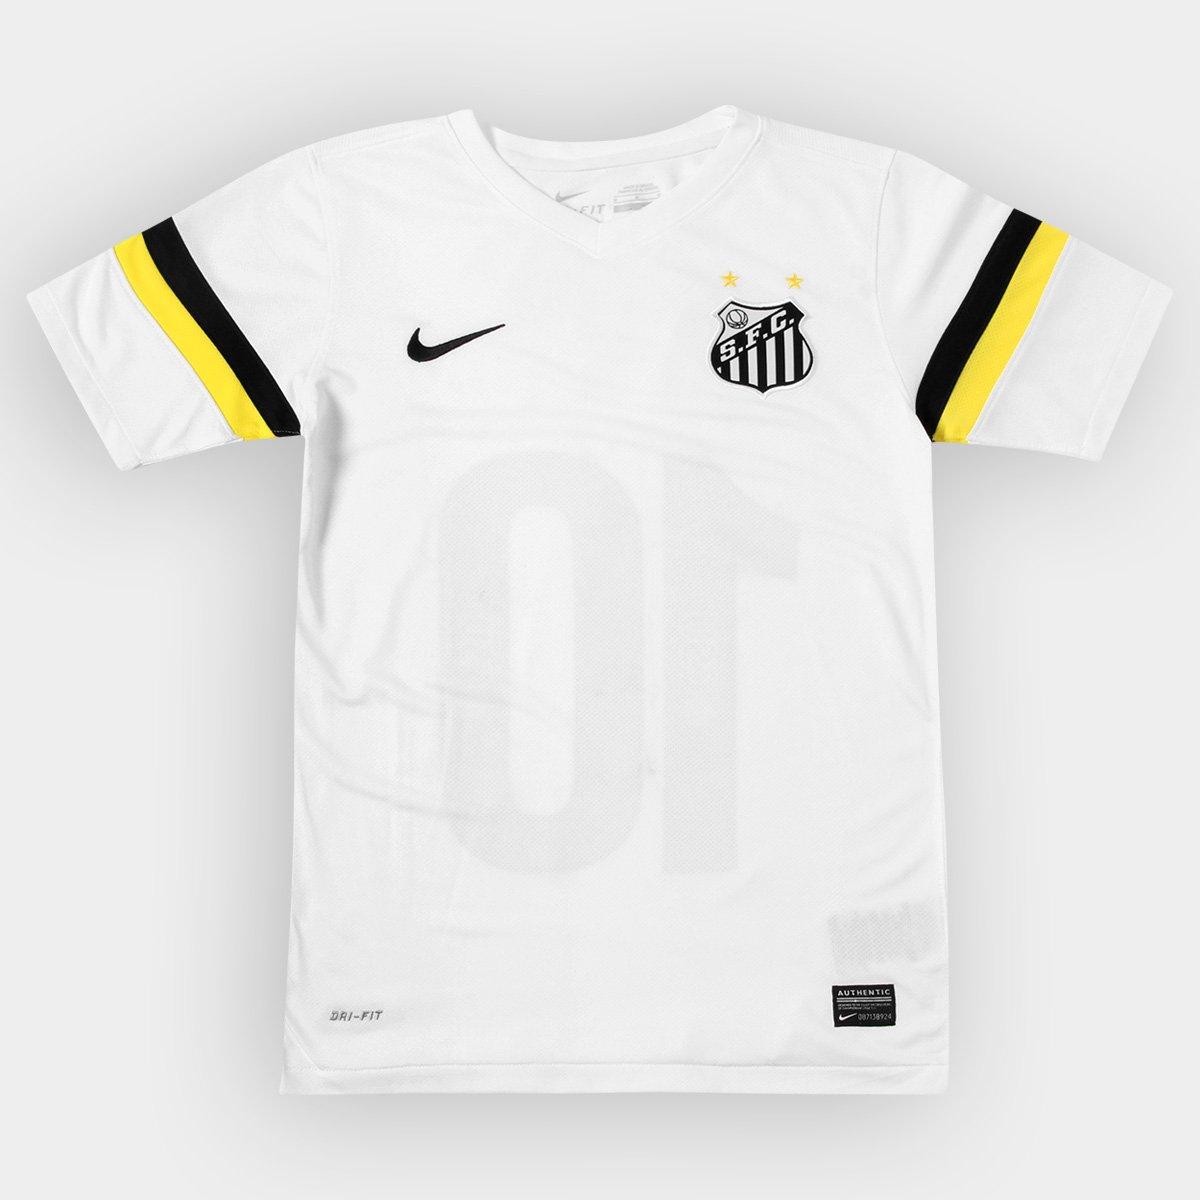 Camisa Nike Santos I 13 14 s nº Juvenil - Compre Agora  171cad2dc96e3